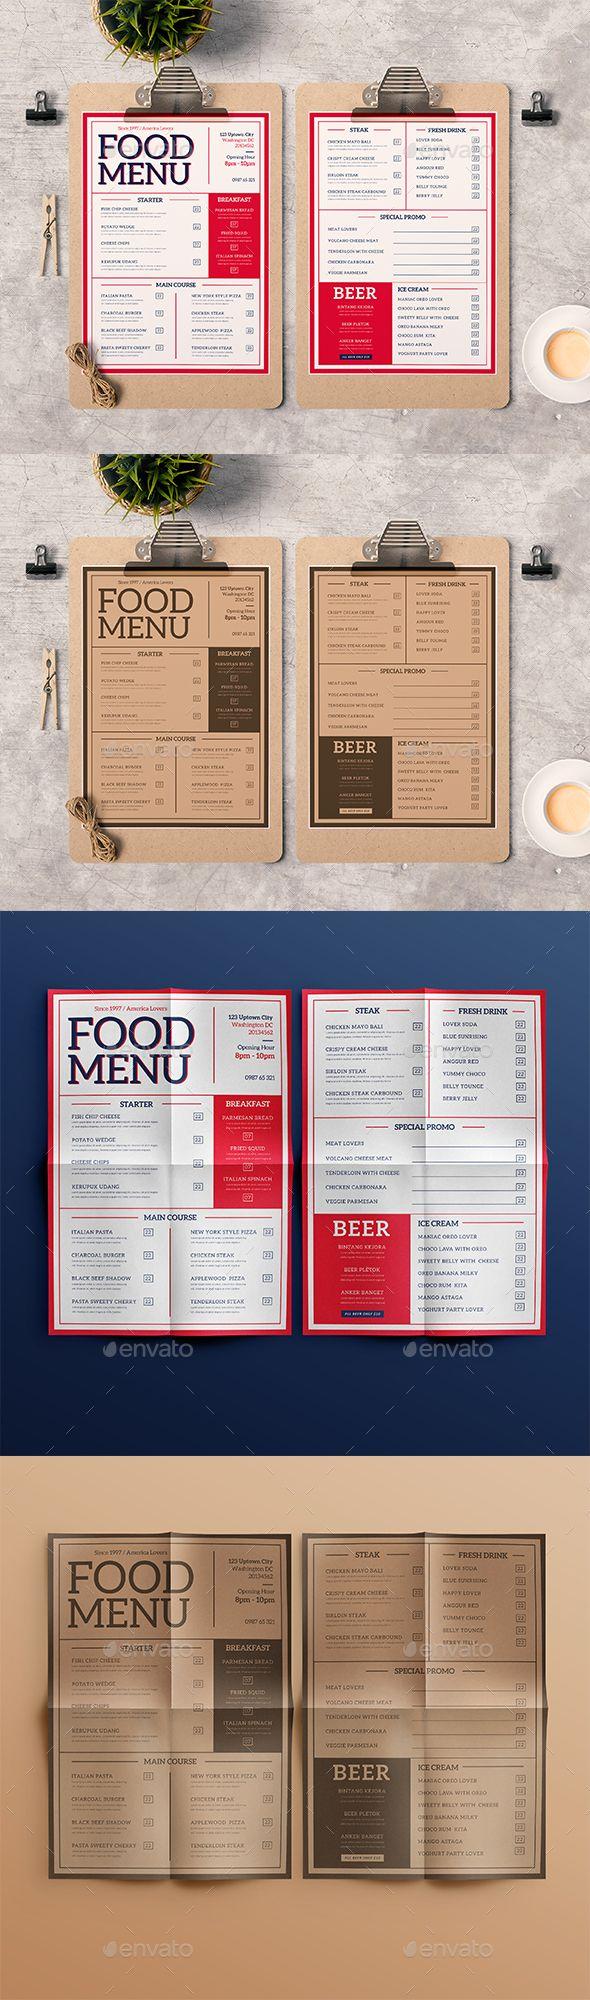 Modern Food Menu | Diseño de menu, Menus restaurantes y Restaurante